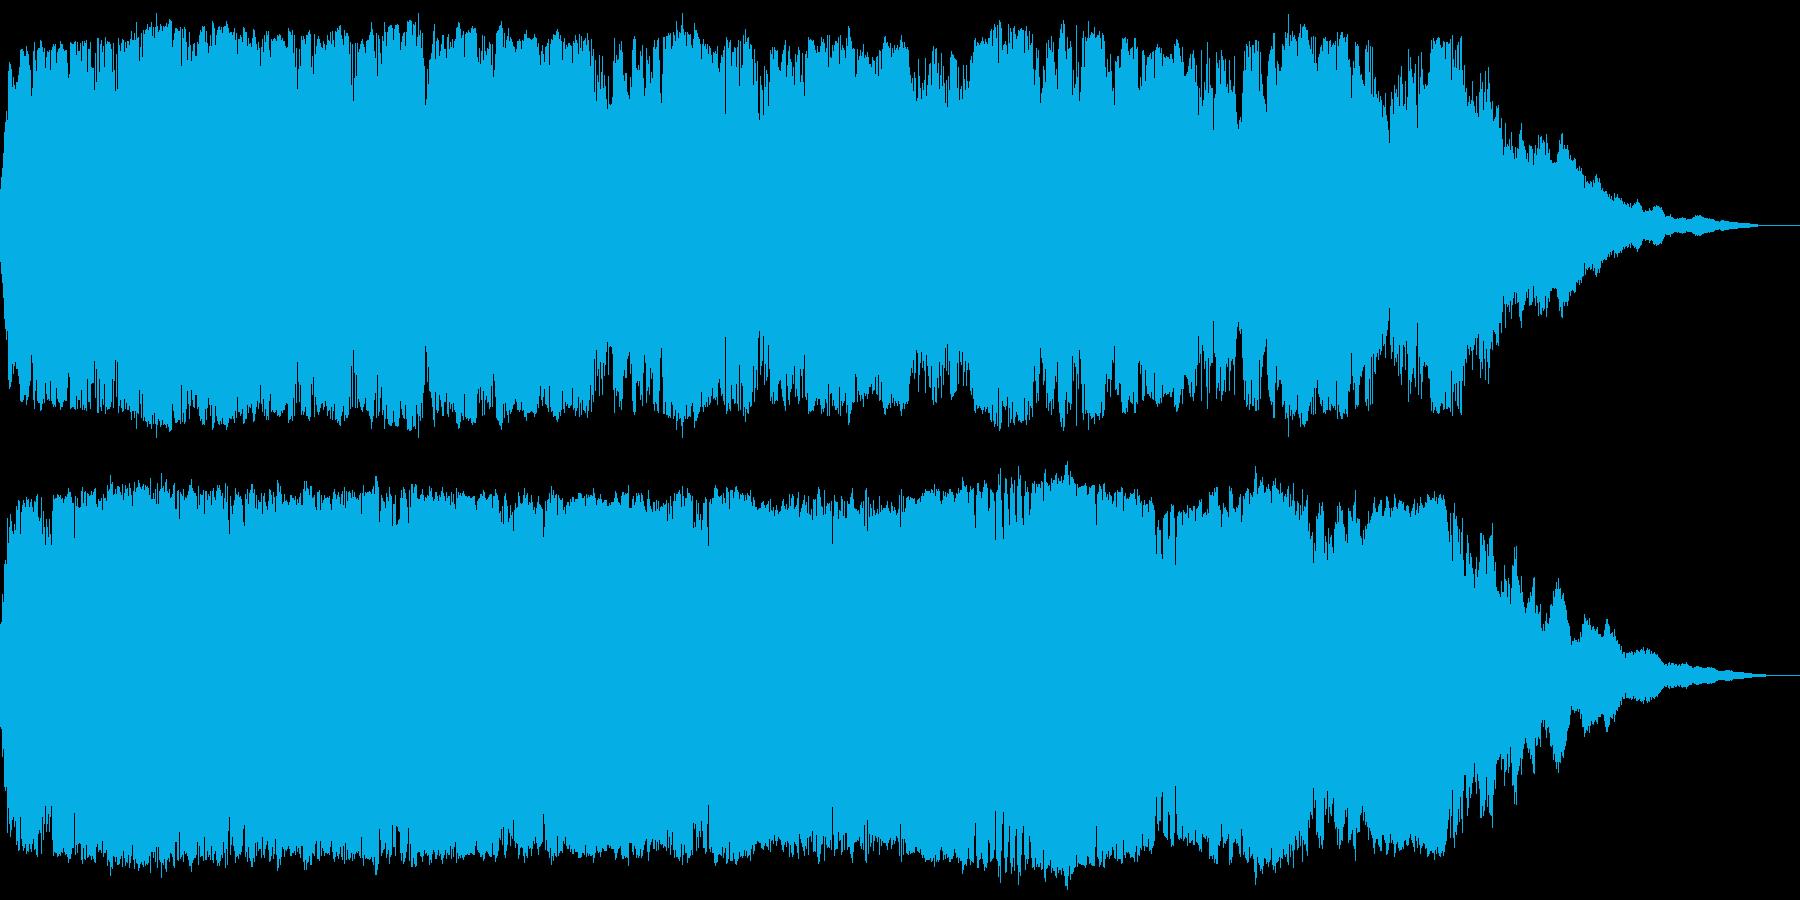 宇宙的な環境音の再生済みの波形